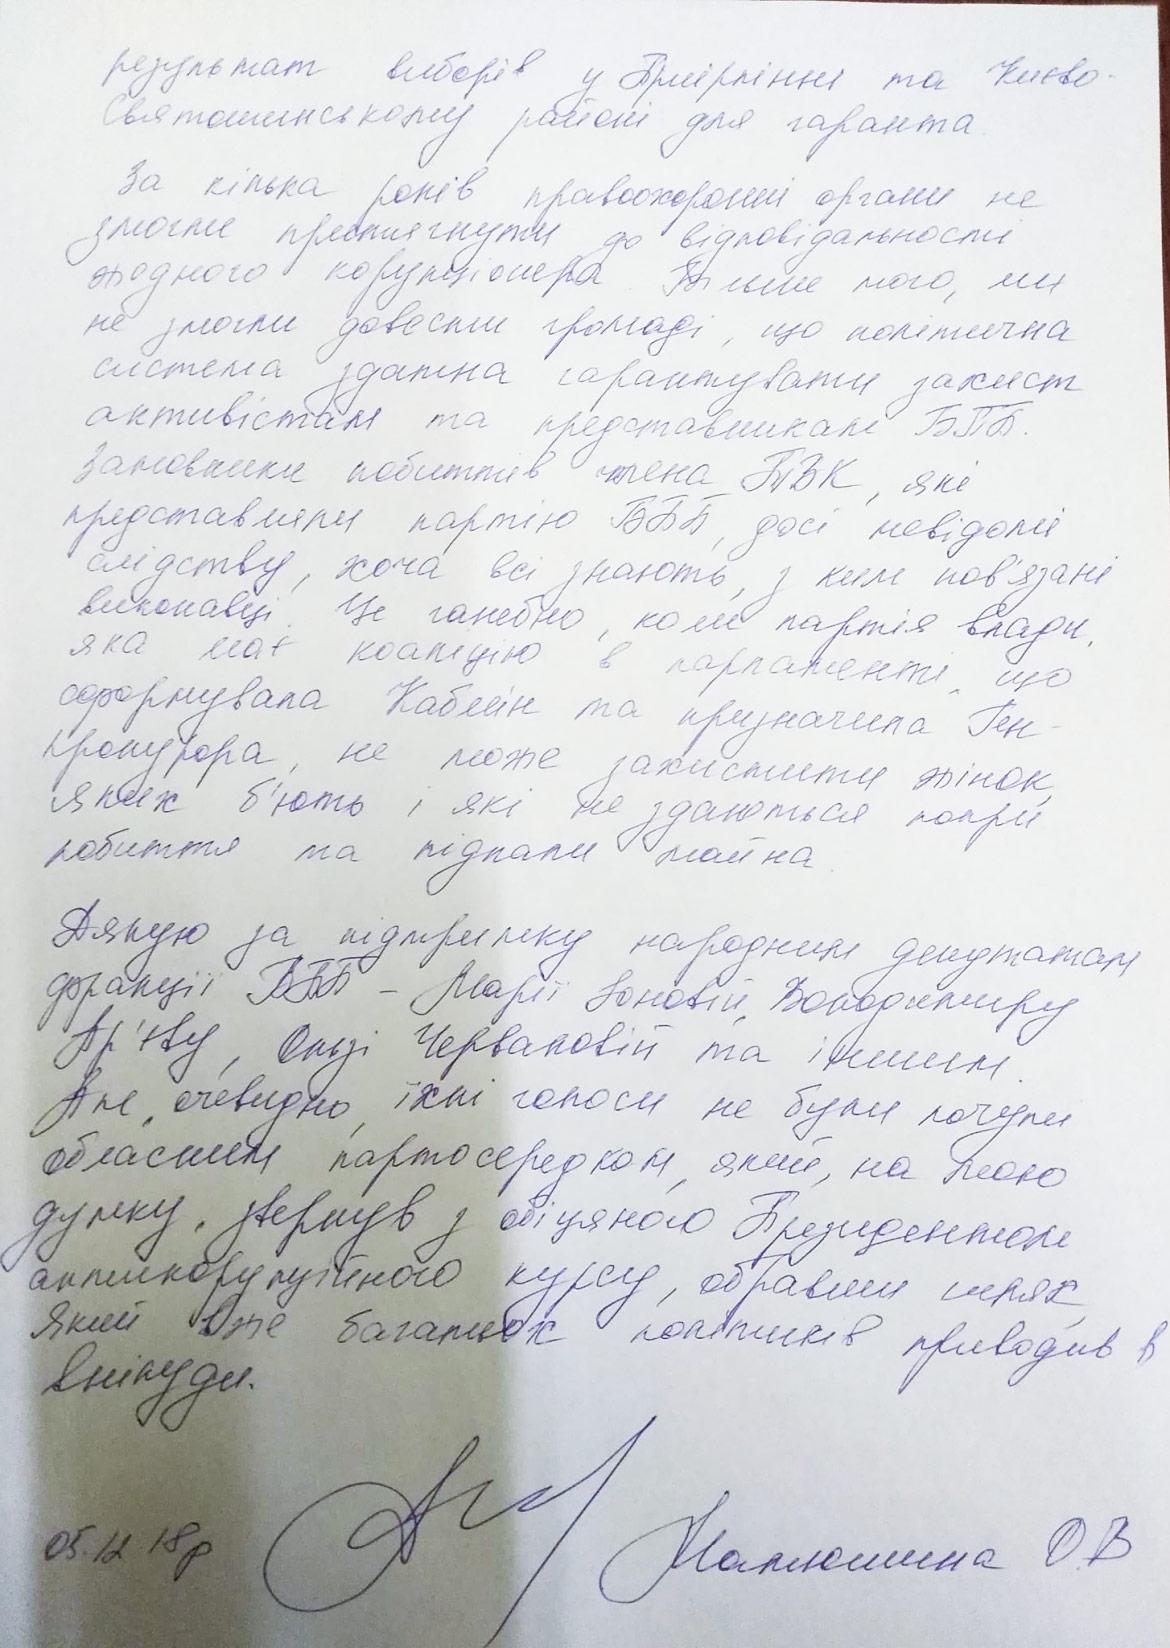 https://img.pravda.com/images/doc/2/c/2ccc027-matyshina4.jpg